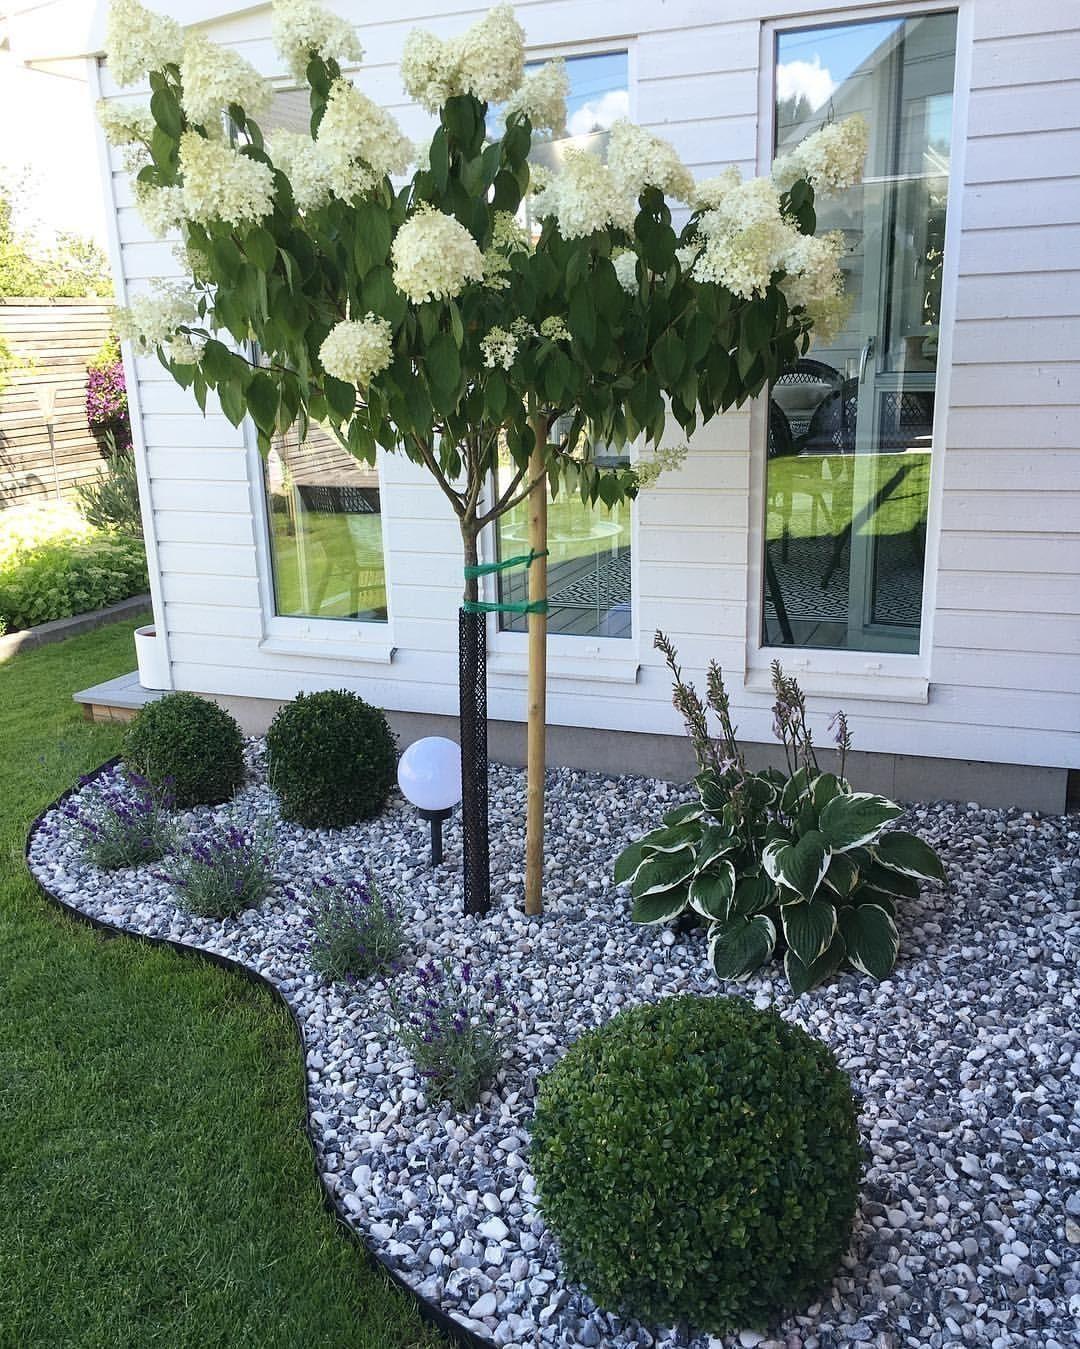 39 Cheap And Easy Diy Garden Ideas Everyone Can Do Front Yard